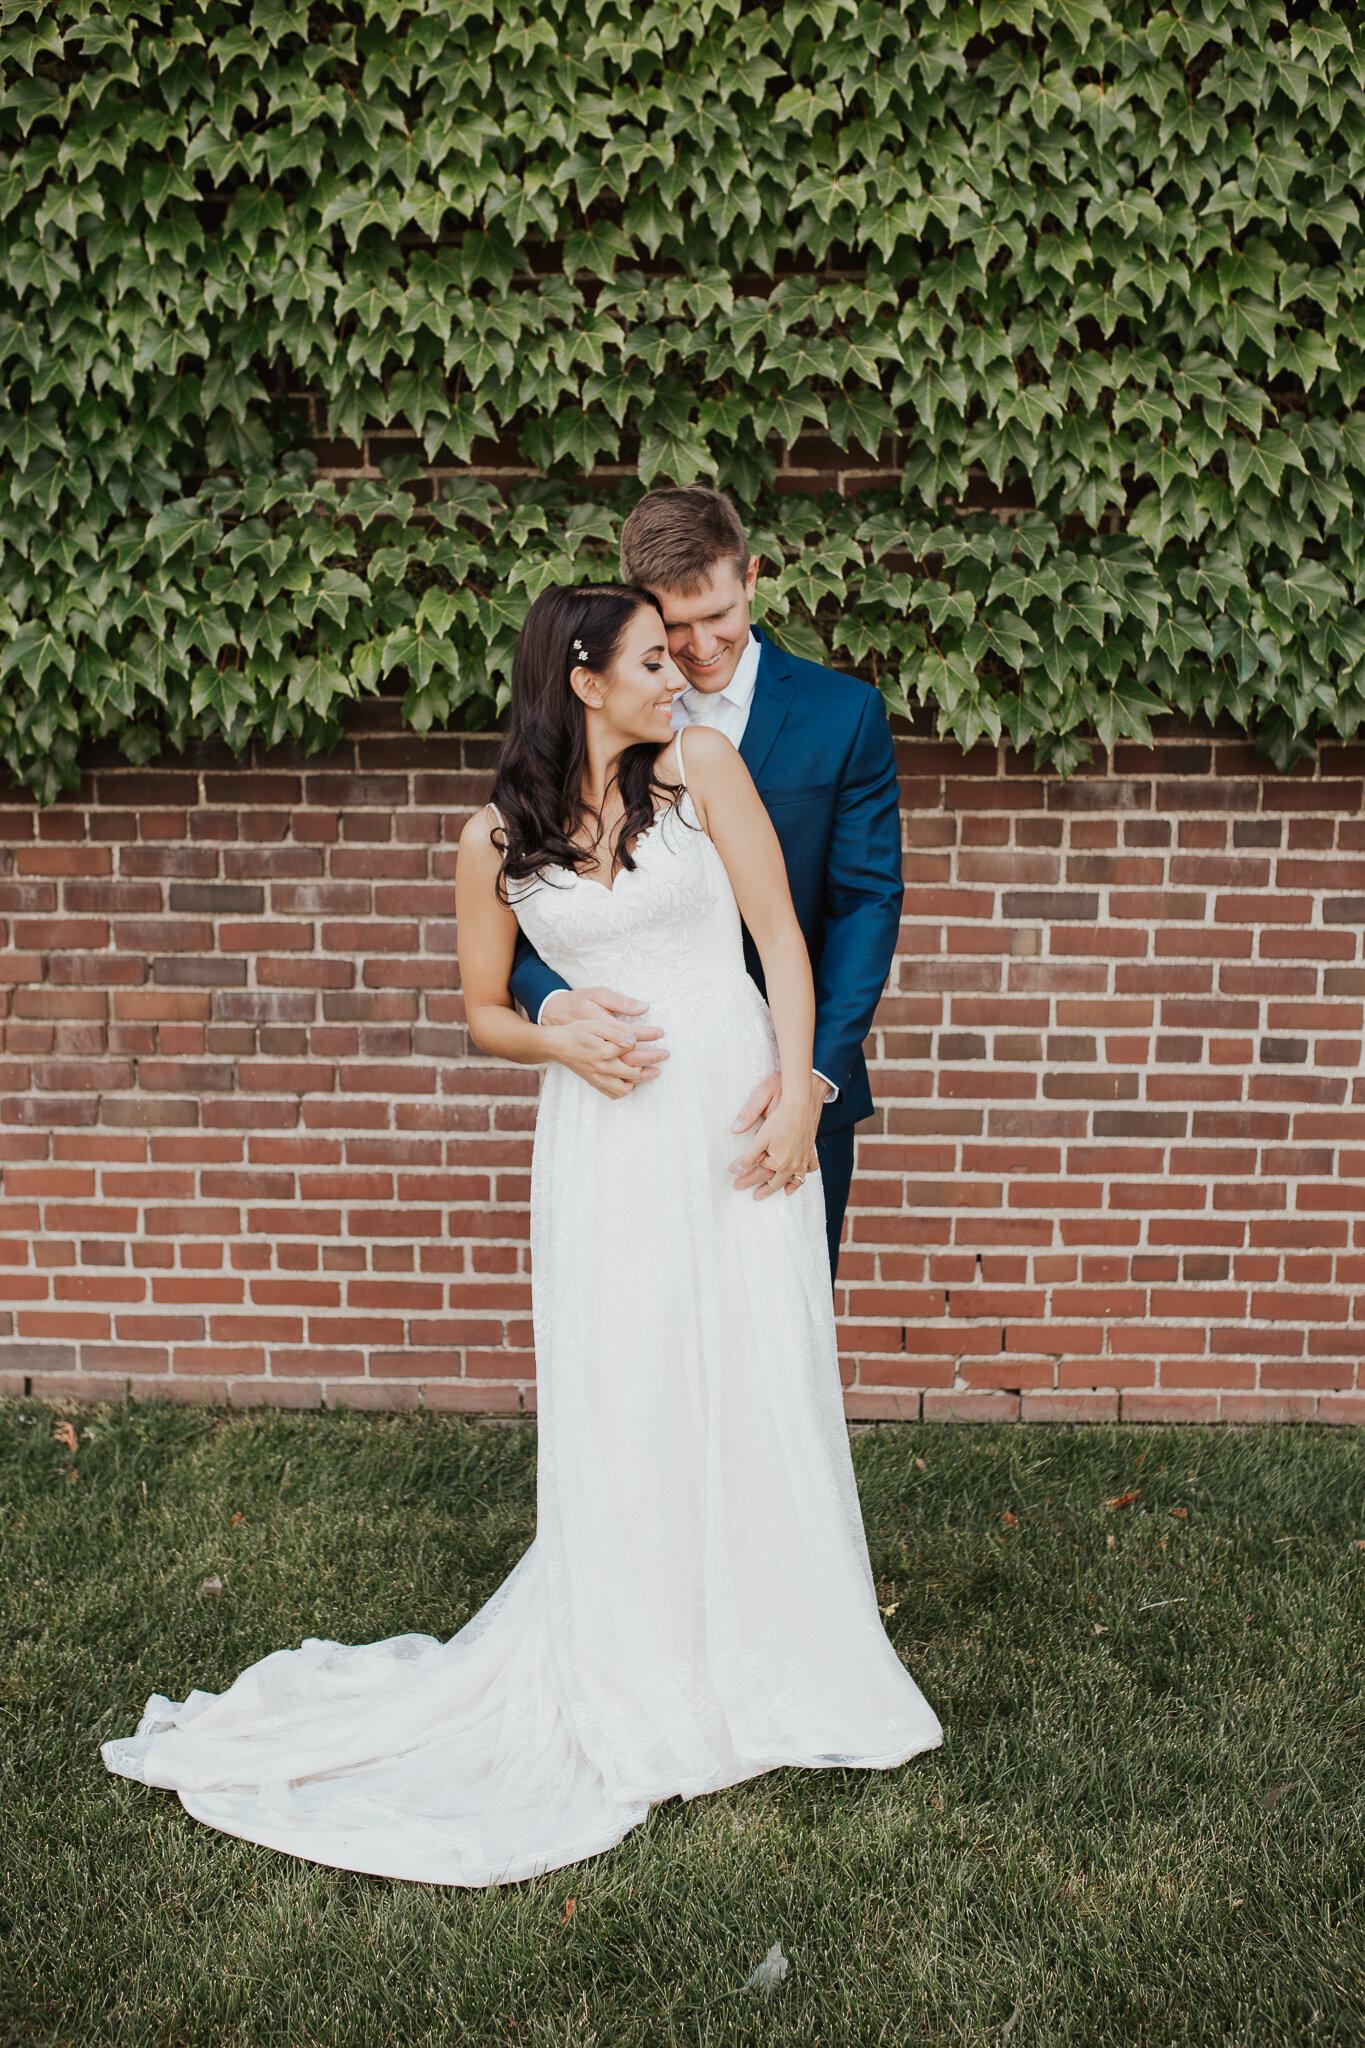 KirstenMatt-Wedding-17.jpg